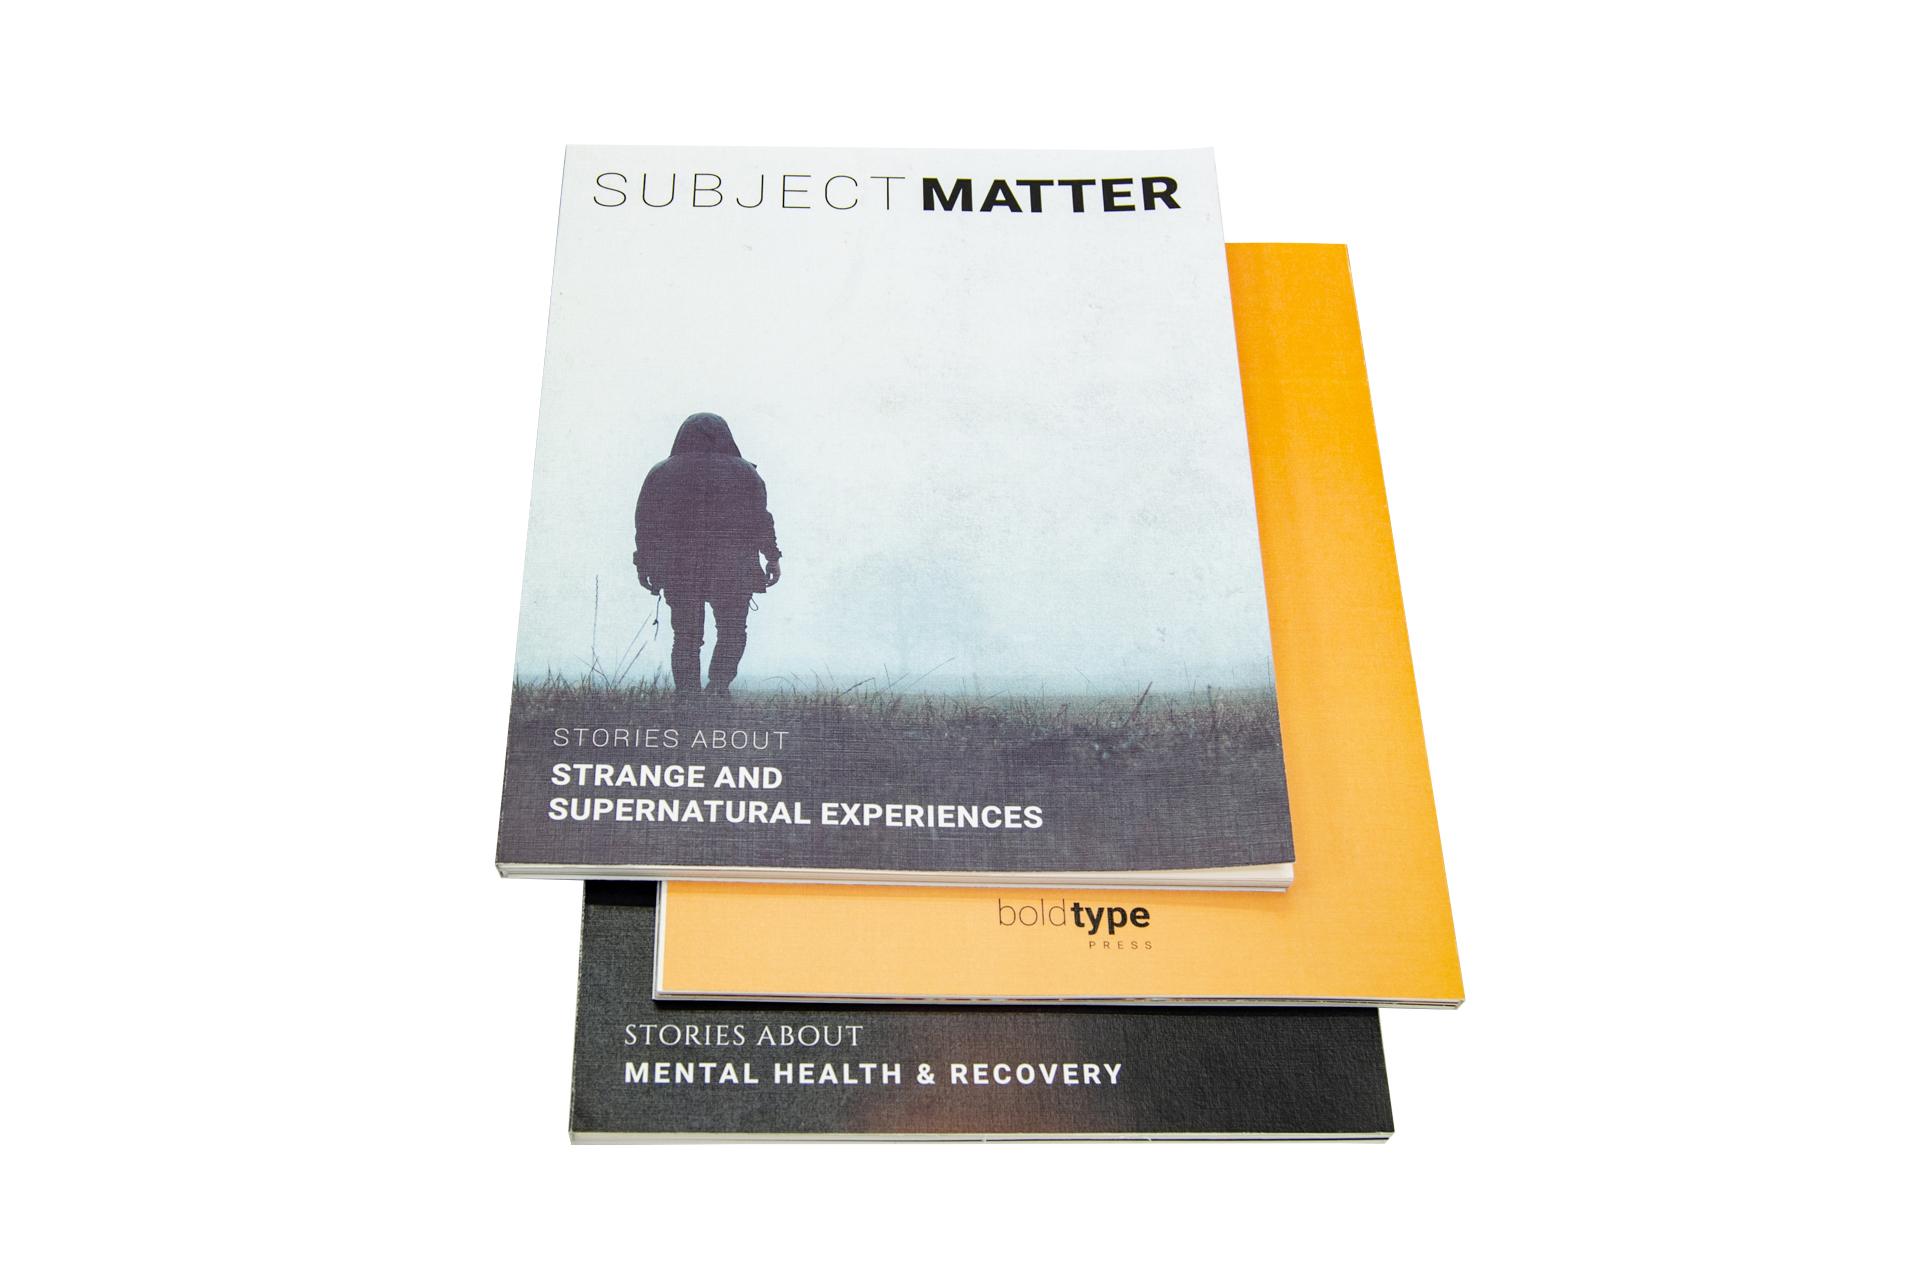 Subject-Matter-6.jpg